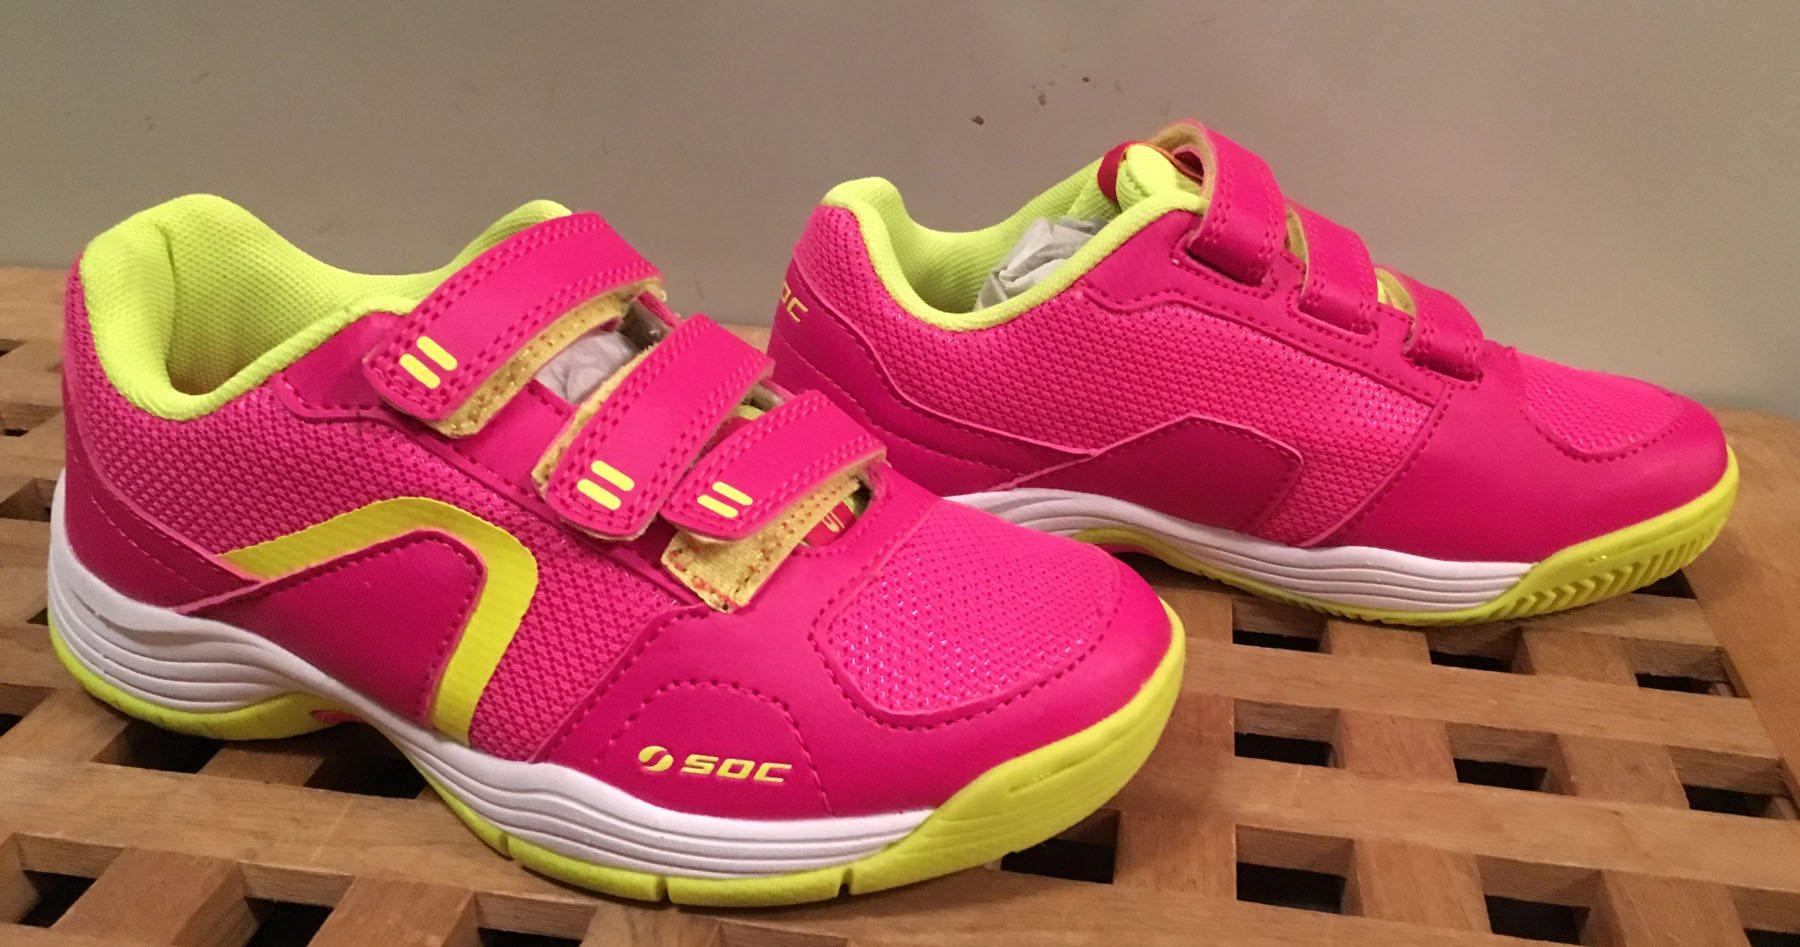 1 par Rosa Neongula SOC Fitness joggingskor   T.. (263828553) ᐈ Köp ... 8989864f23225